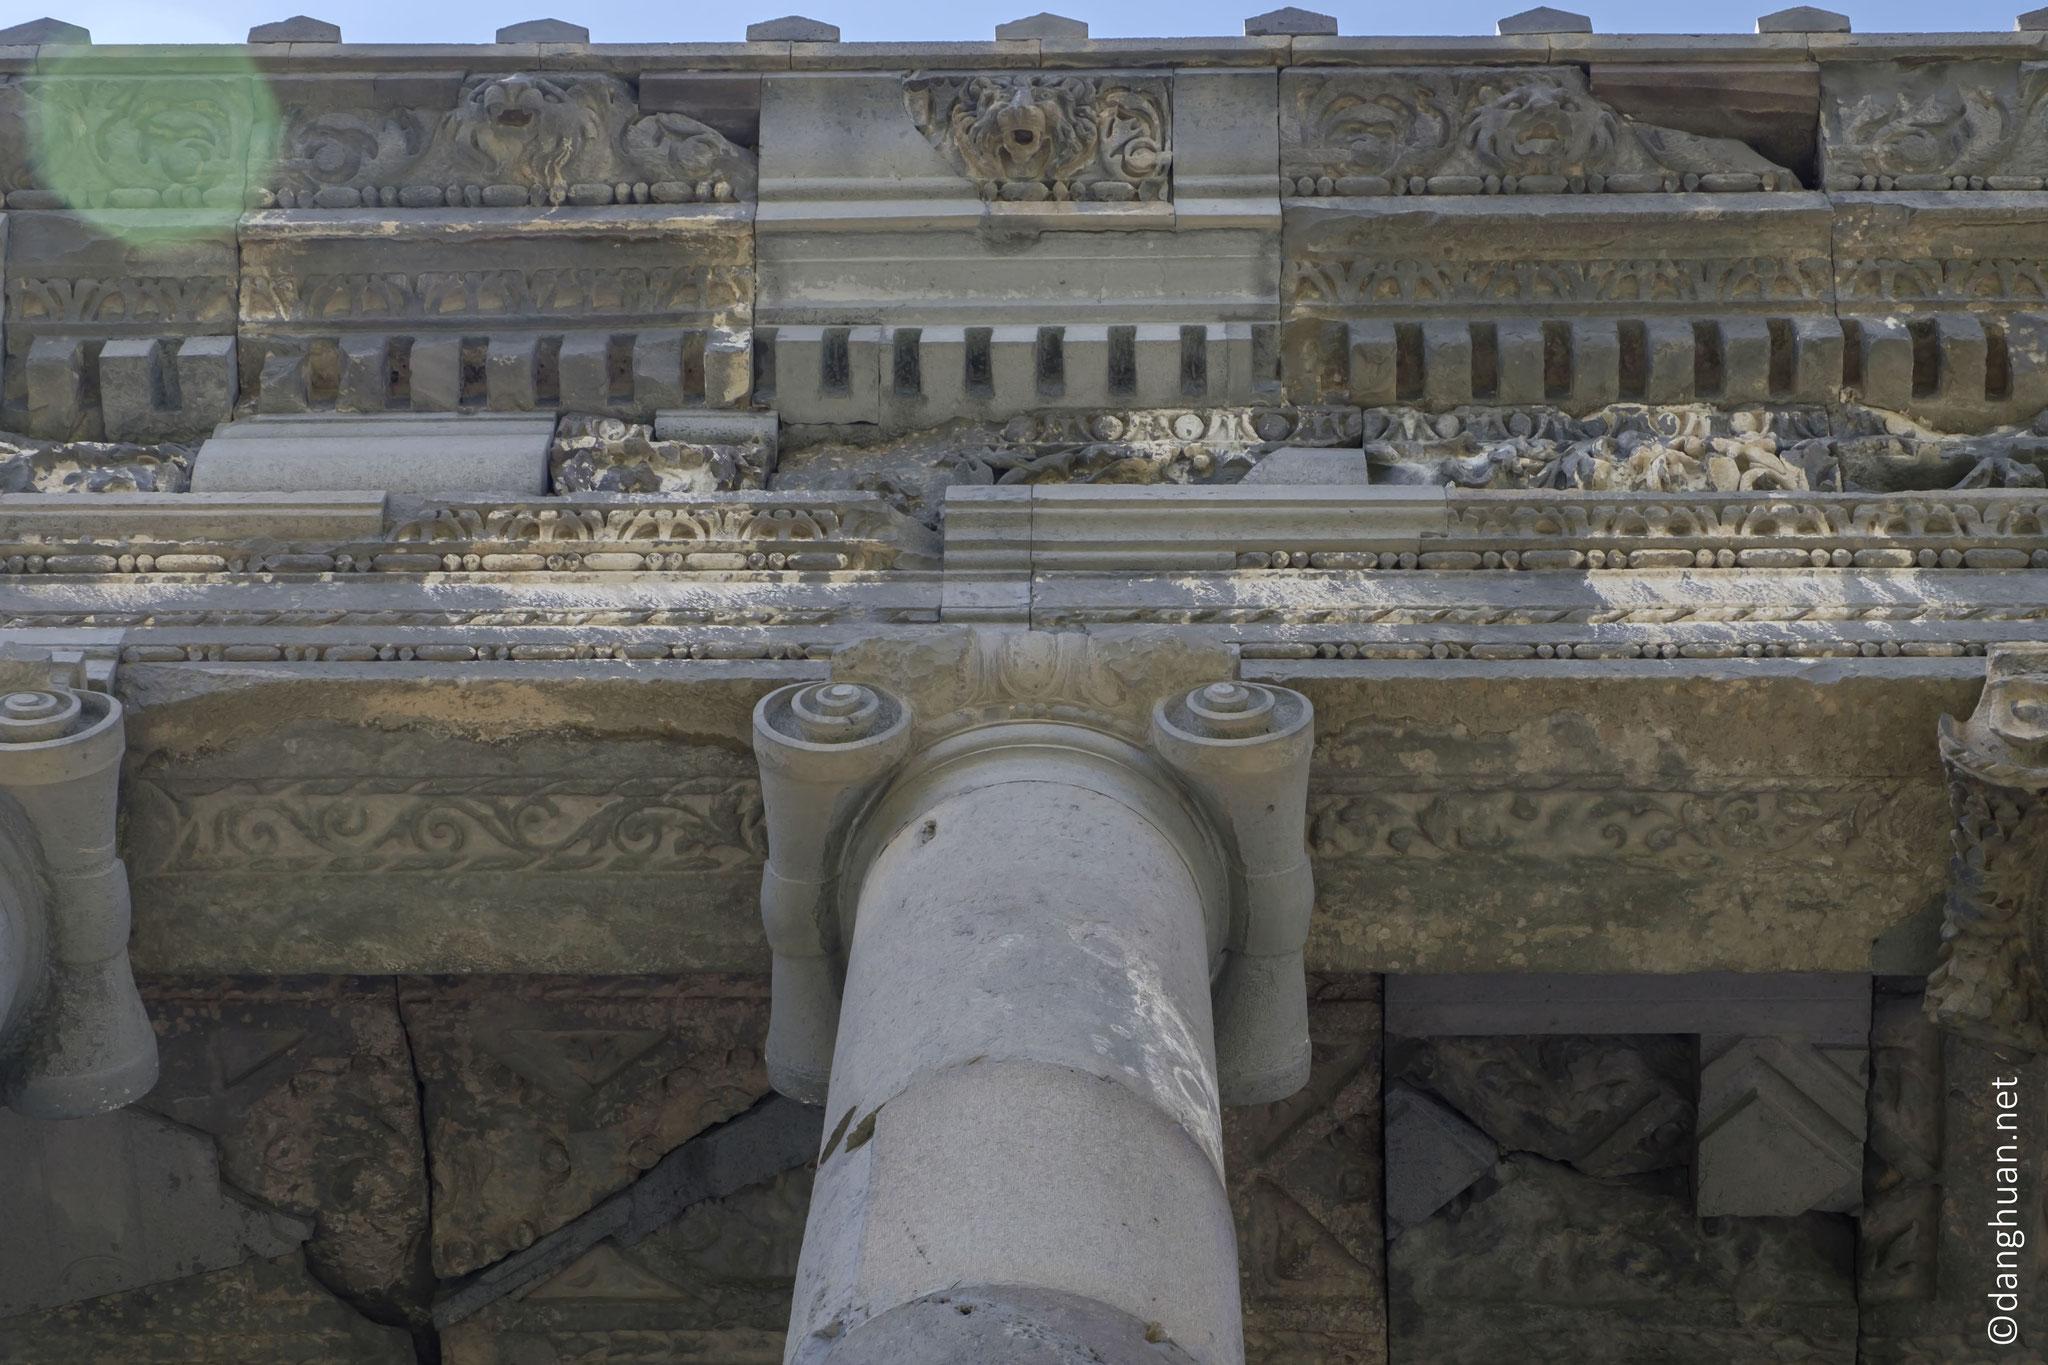 le temple de Garni, de style hellénique mais de construction arménienne, est le seul monument de l'époque préchrétienne ayant survénu jusqu'à nos jours